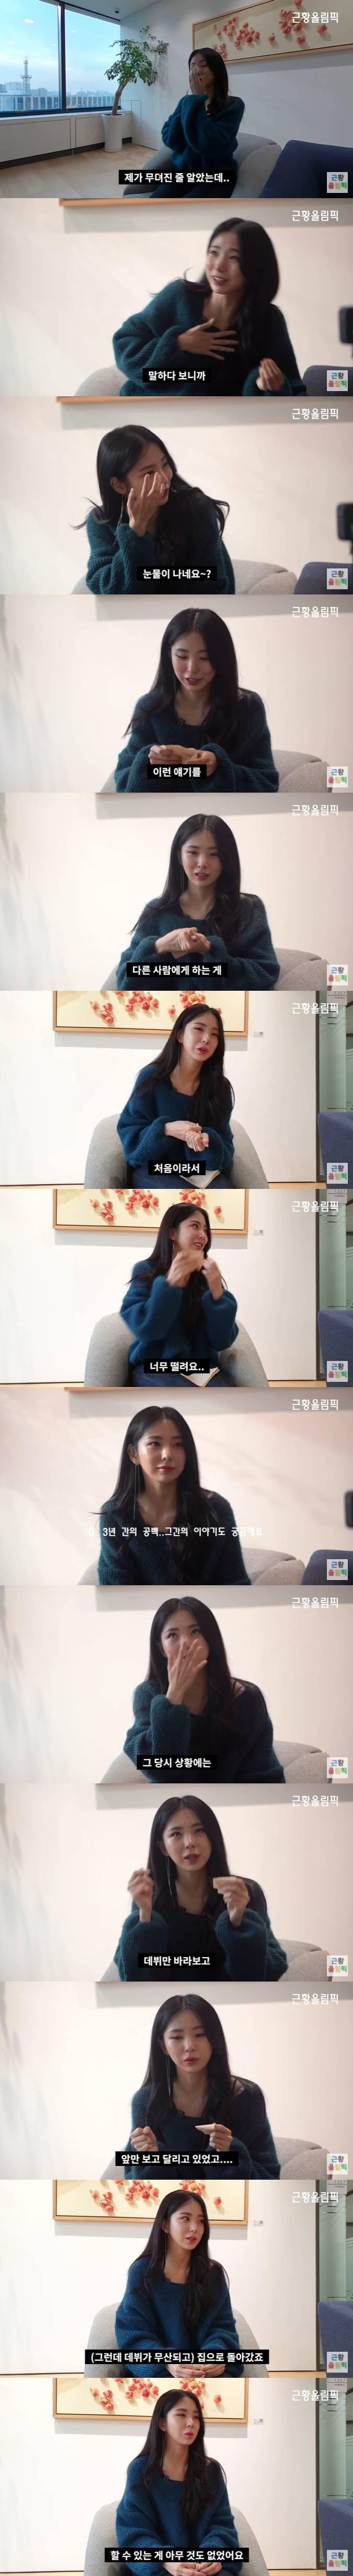 곧 데뷔하는 프듀1 출신 연습생이 최근 유튜브에서 한 발언 | 인스티즈